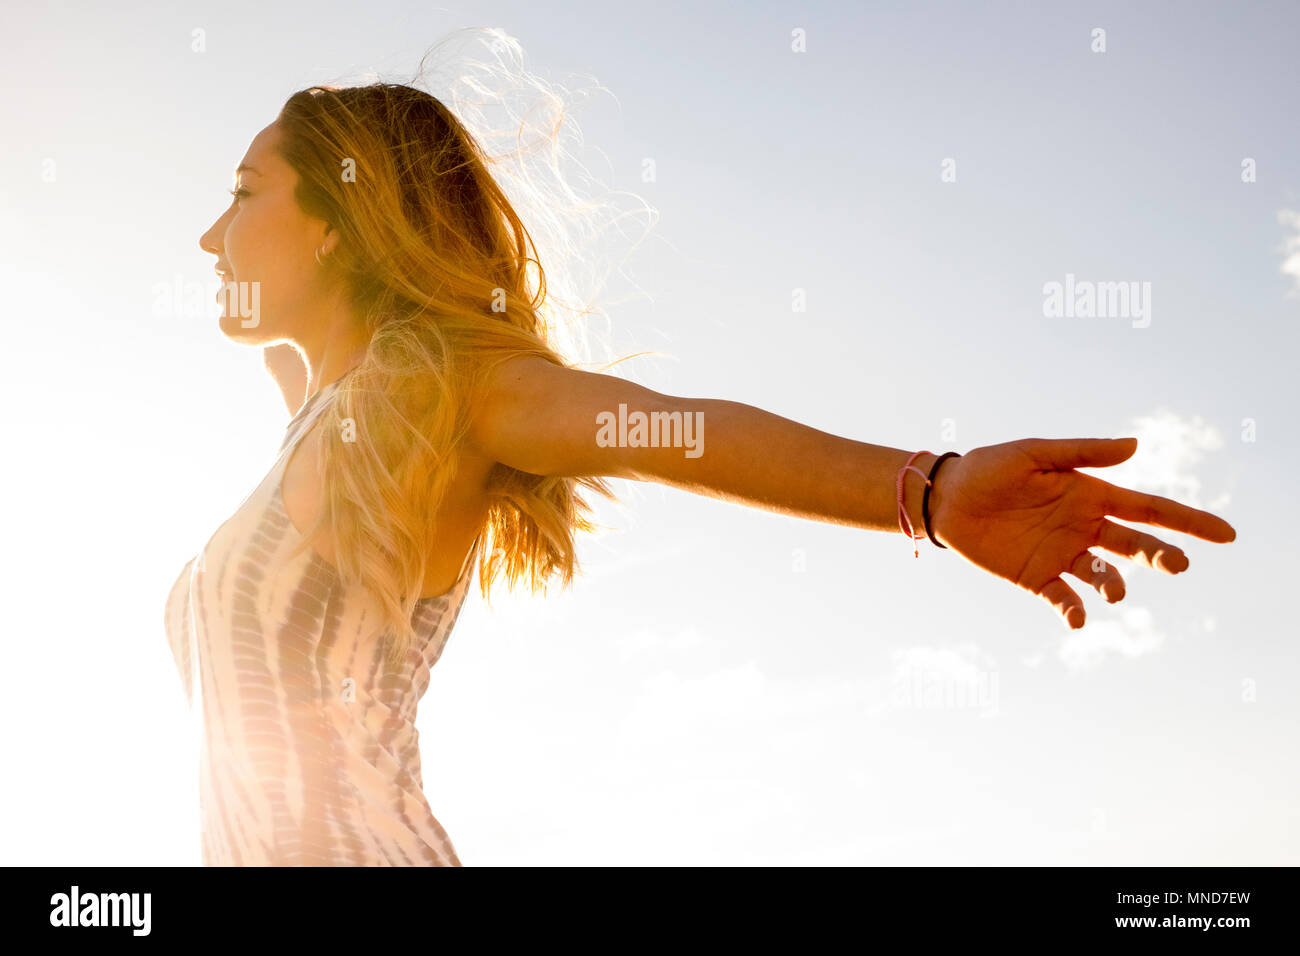 Joven bonita mujer disfrute de su libertad abriendo los brazos. Vida independiente y sentirse bien con el mundo. Abrazo a todos con satisfacción. Tenerife el alma. Imagen De Stock